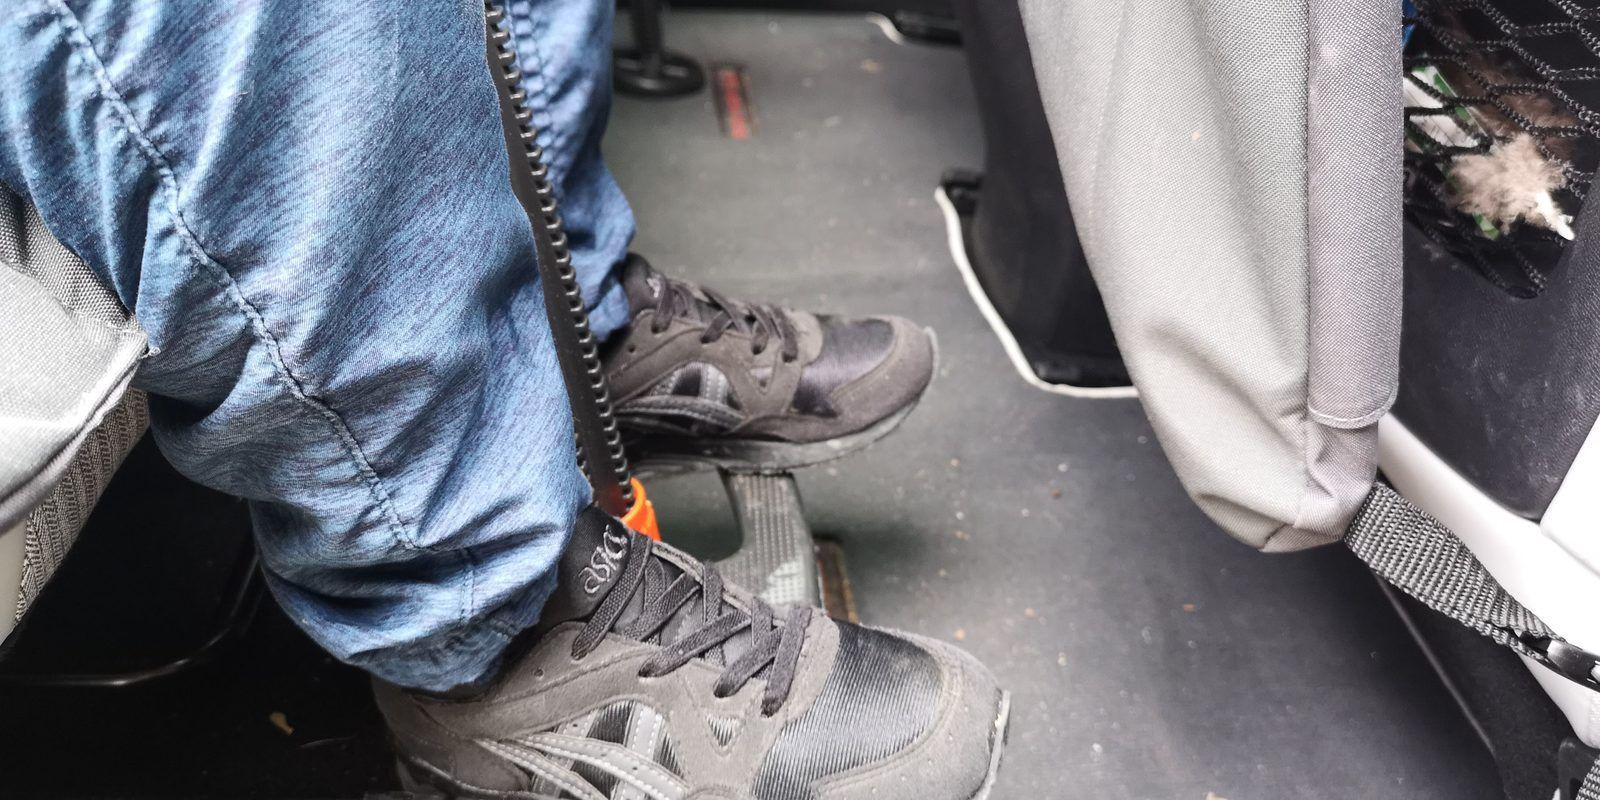 Test du repose-pieds pour siège auto Footup